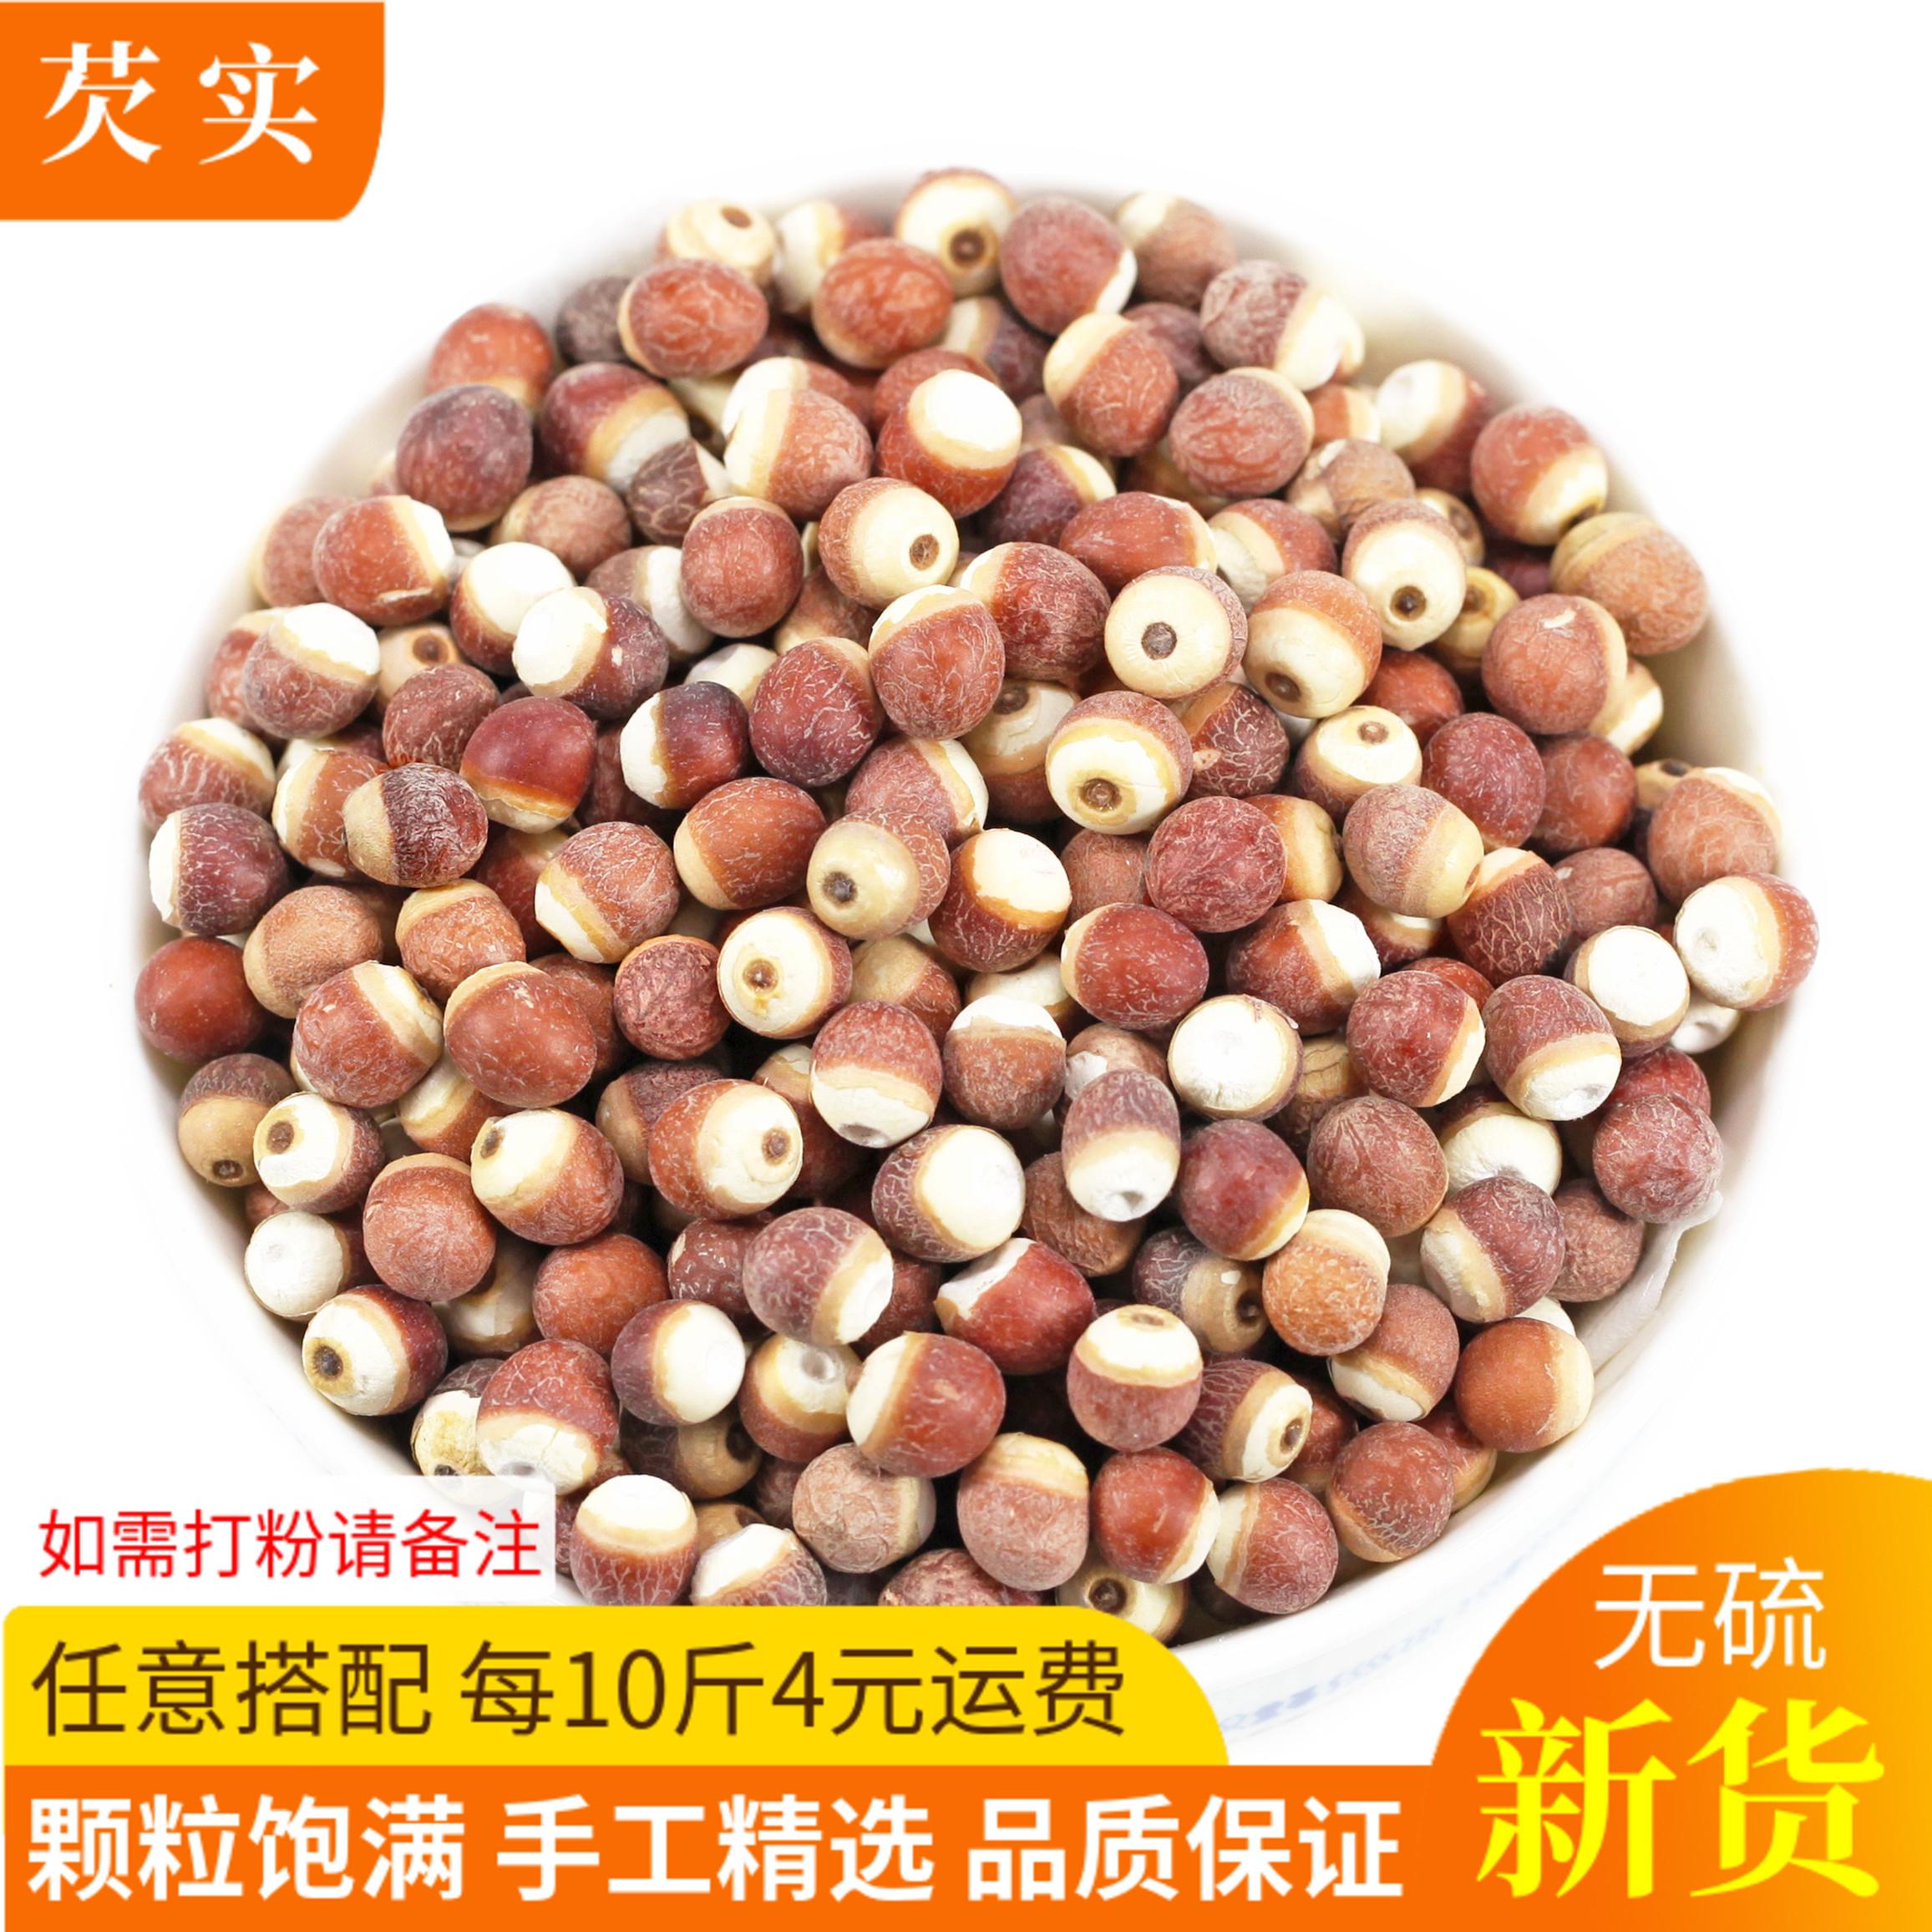 红皮芡实干货500g精选新鲜鸡头米肇庆农家自产非野生欠实粉仁